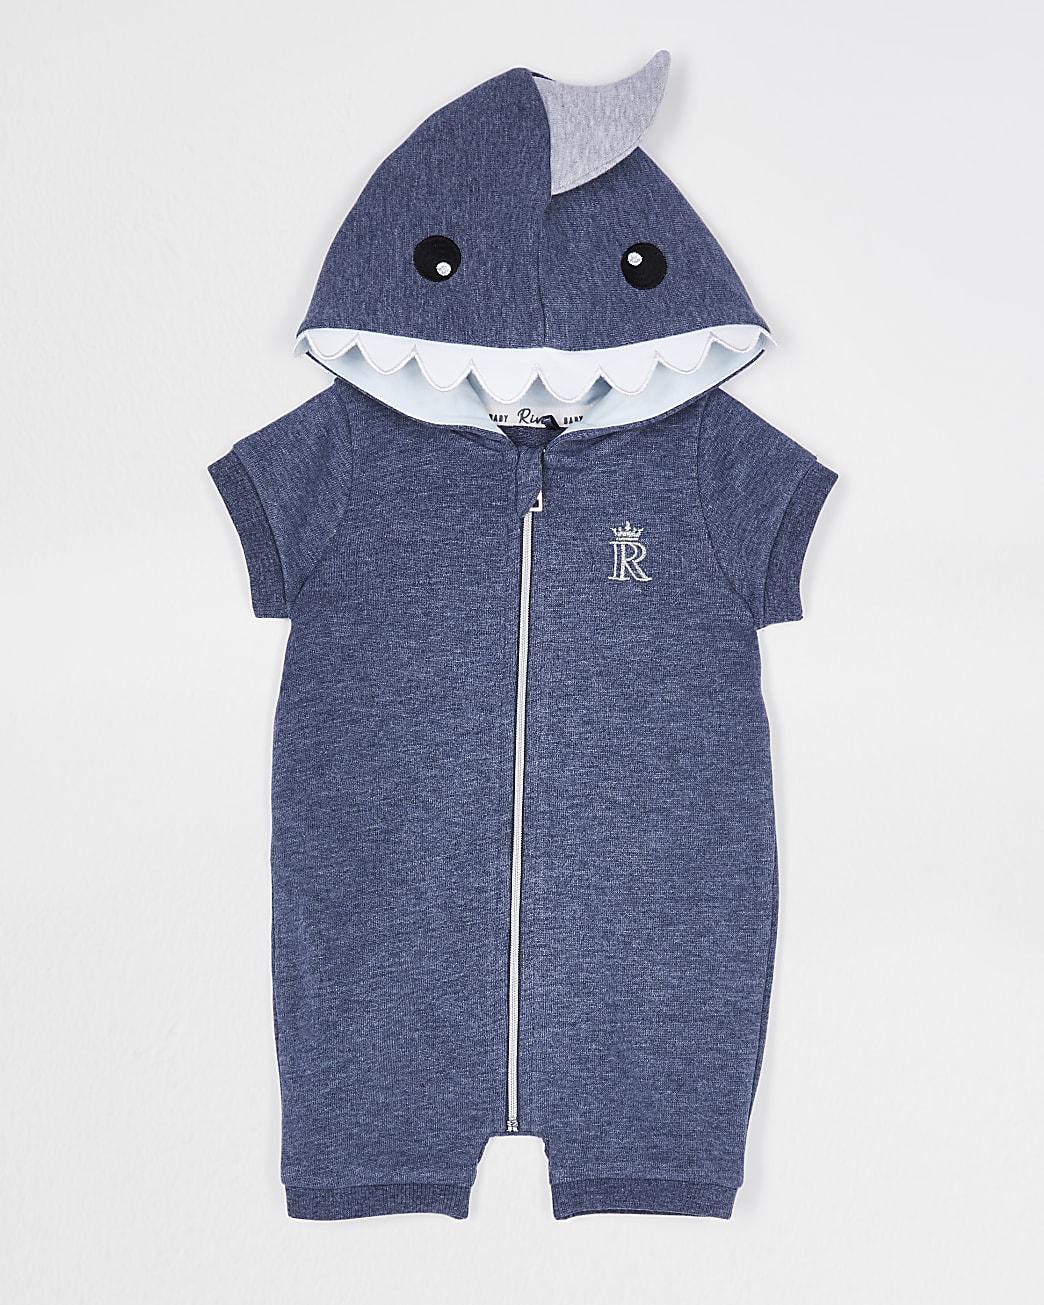 Baby boys navy shark 'Tiny Dude' romper